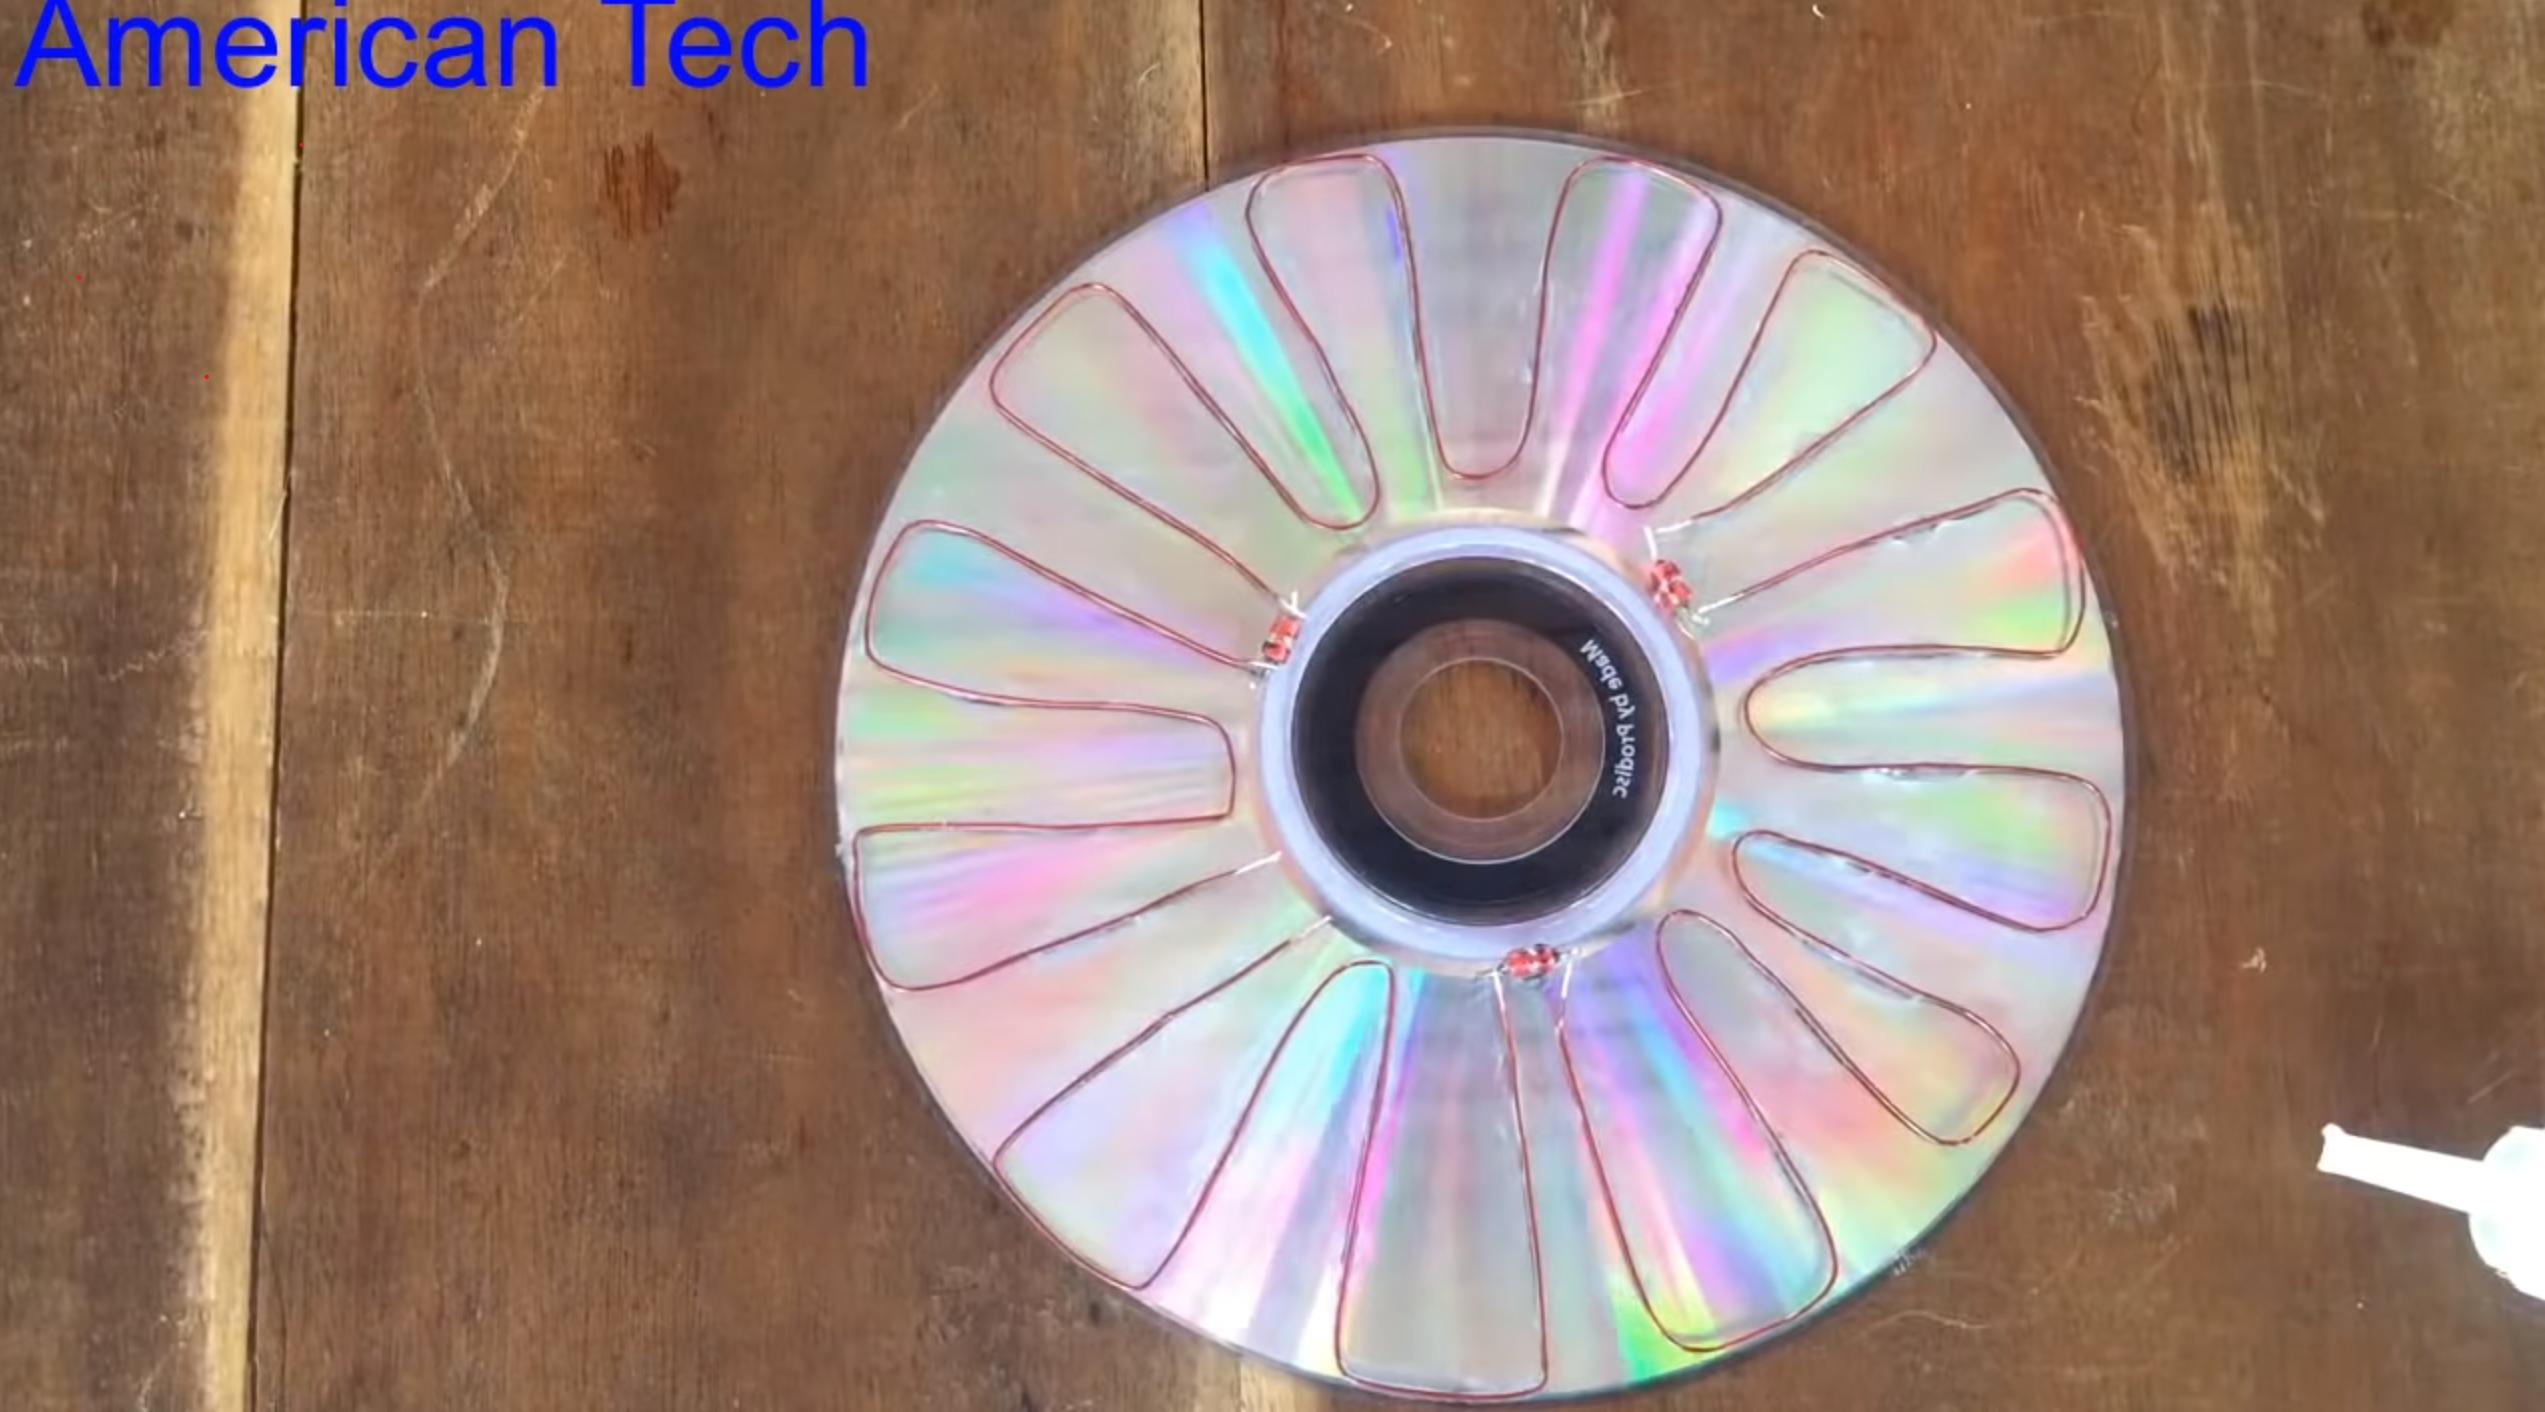 Cum să faci o celulă fotovoltaică dintr-un cd/dvd